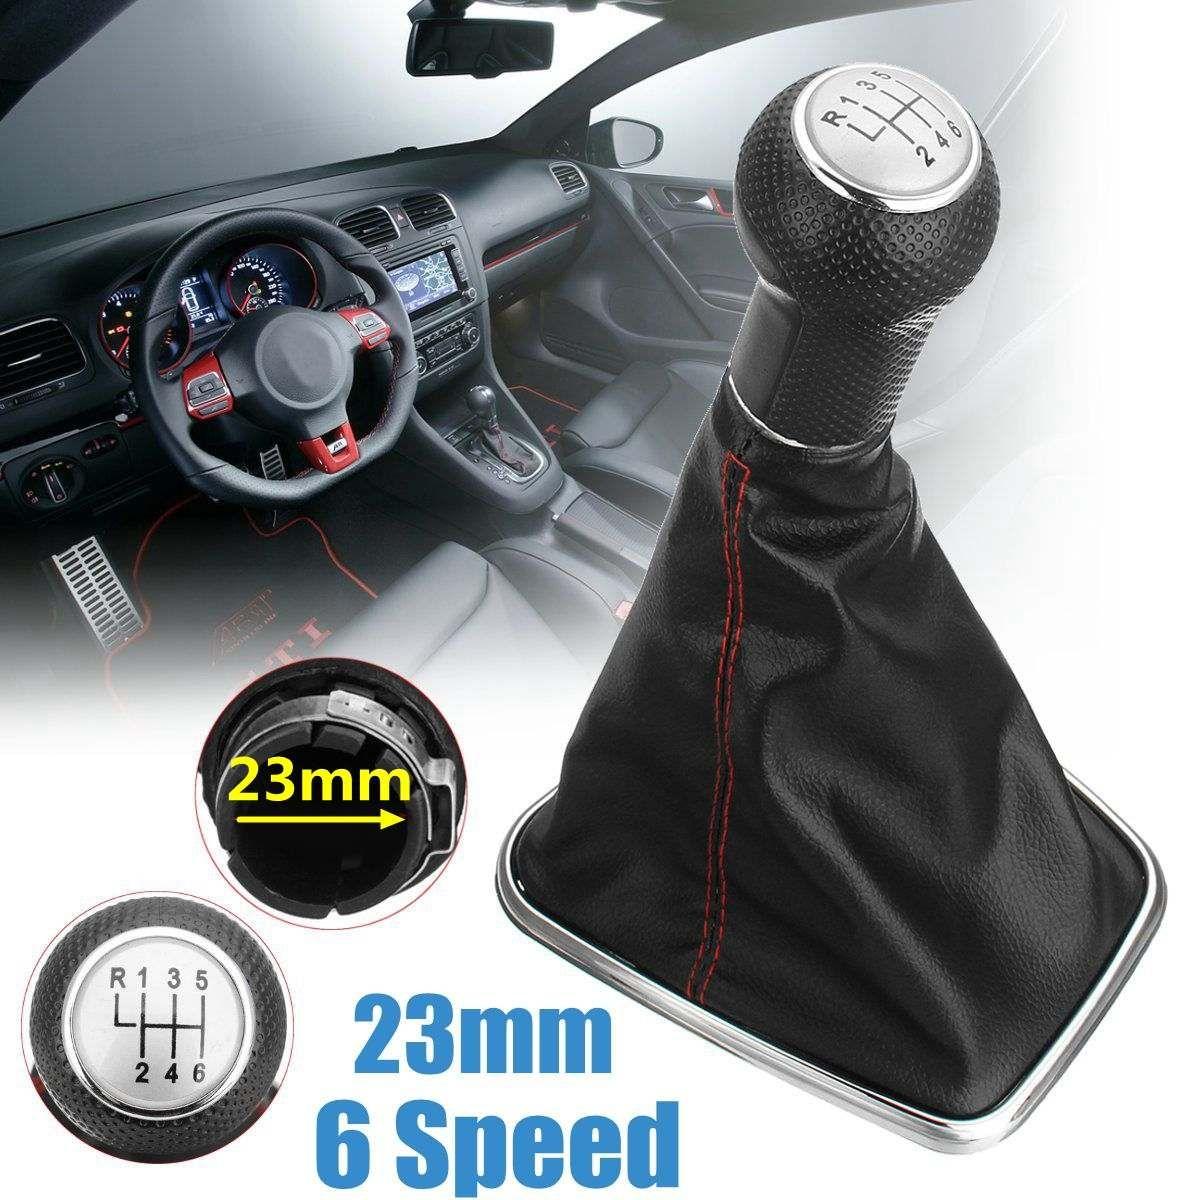 12/23mm 5/6 Geschwindigkeit Schaltknauf Shift w/Gamasche Boot Abdeckung Für Volkswagen VW BORA GOlf MK4 1999 2001 2002 2003 2004 2005